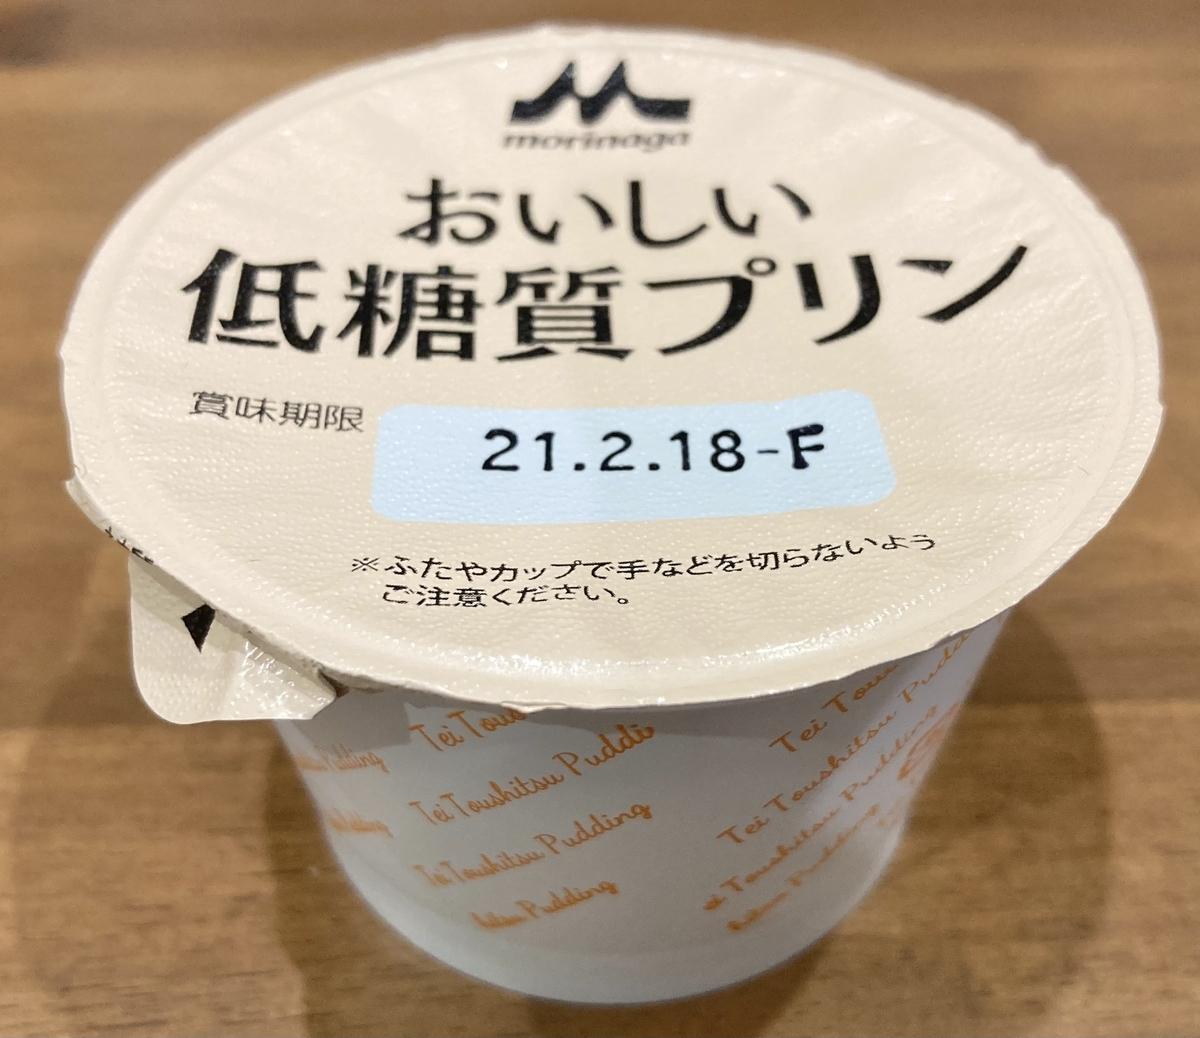 f:id:yuyujitekix:20201212014327j:plain